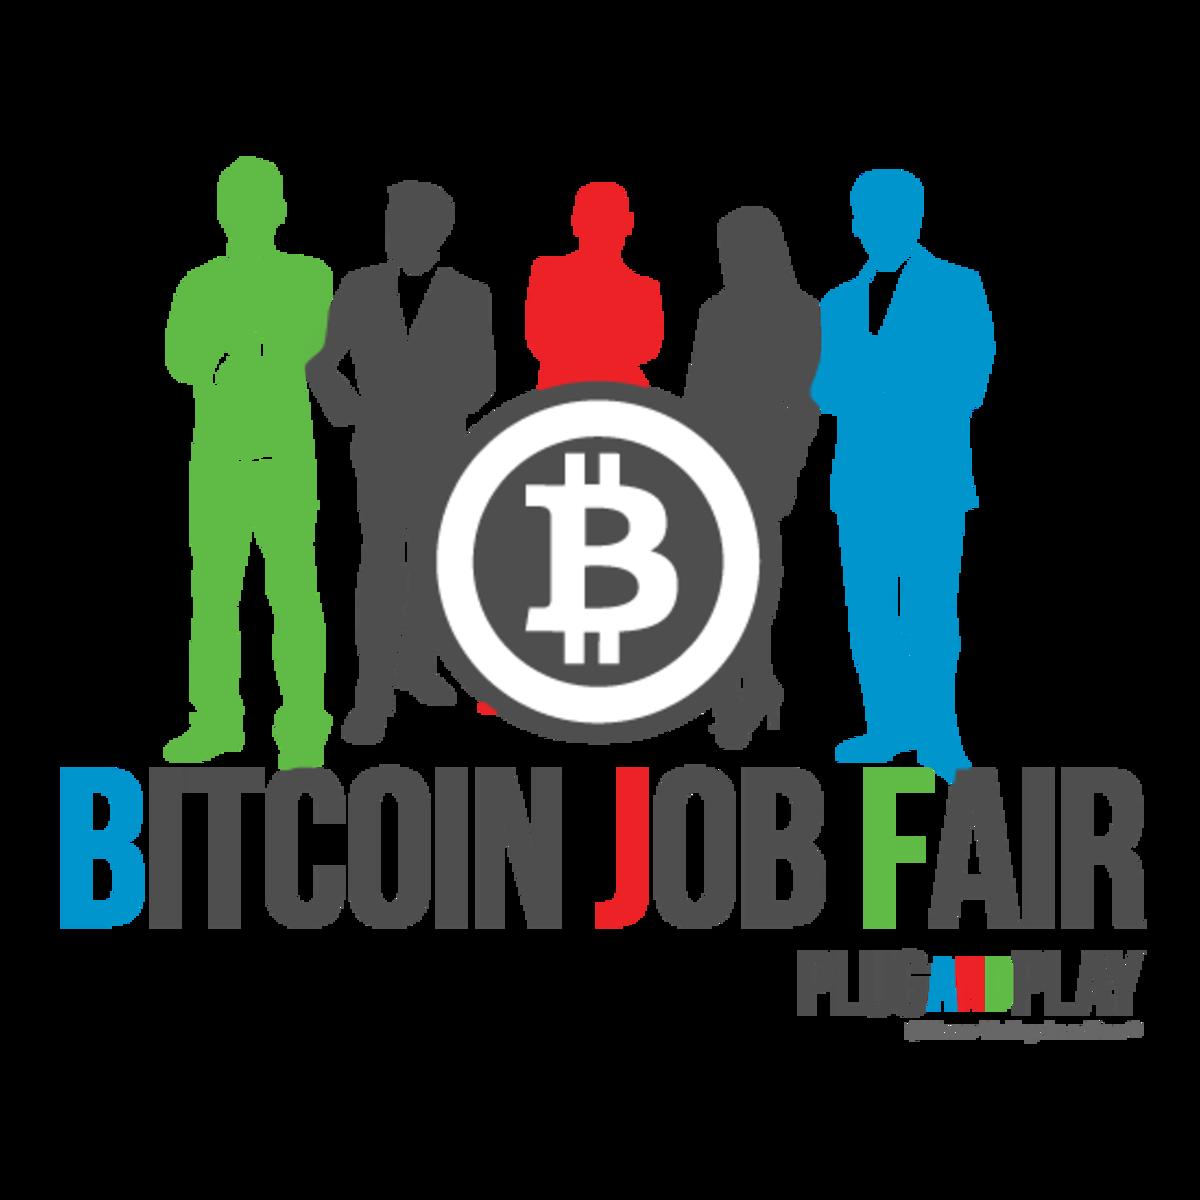 Op-ed - Announcing World's First Bitcoin Job Fair